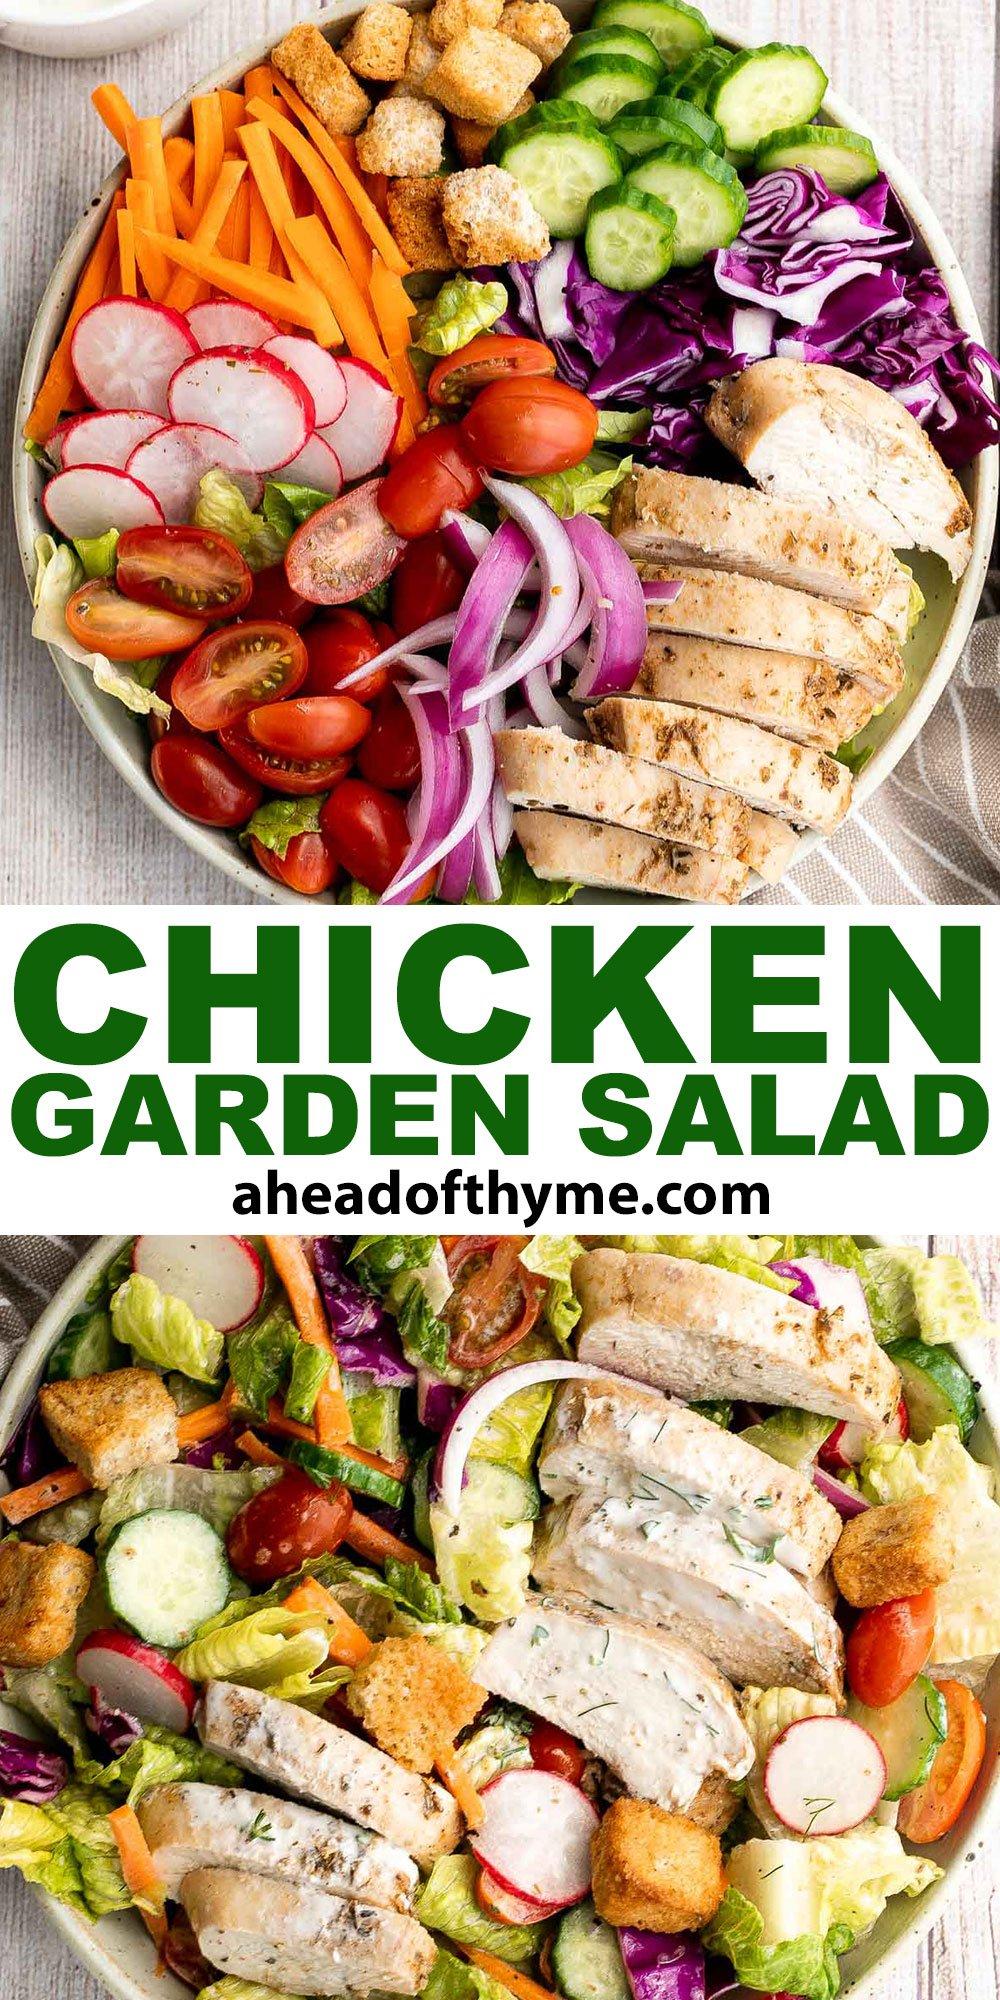 Chicken Garden Salad with Ranch Dressing